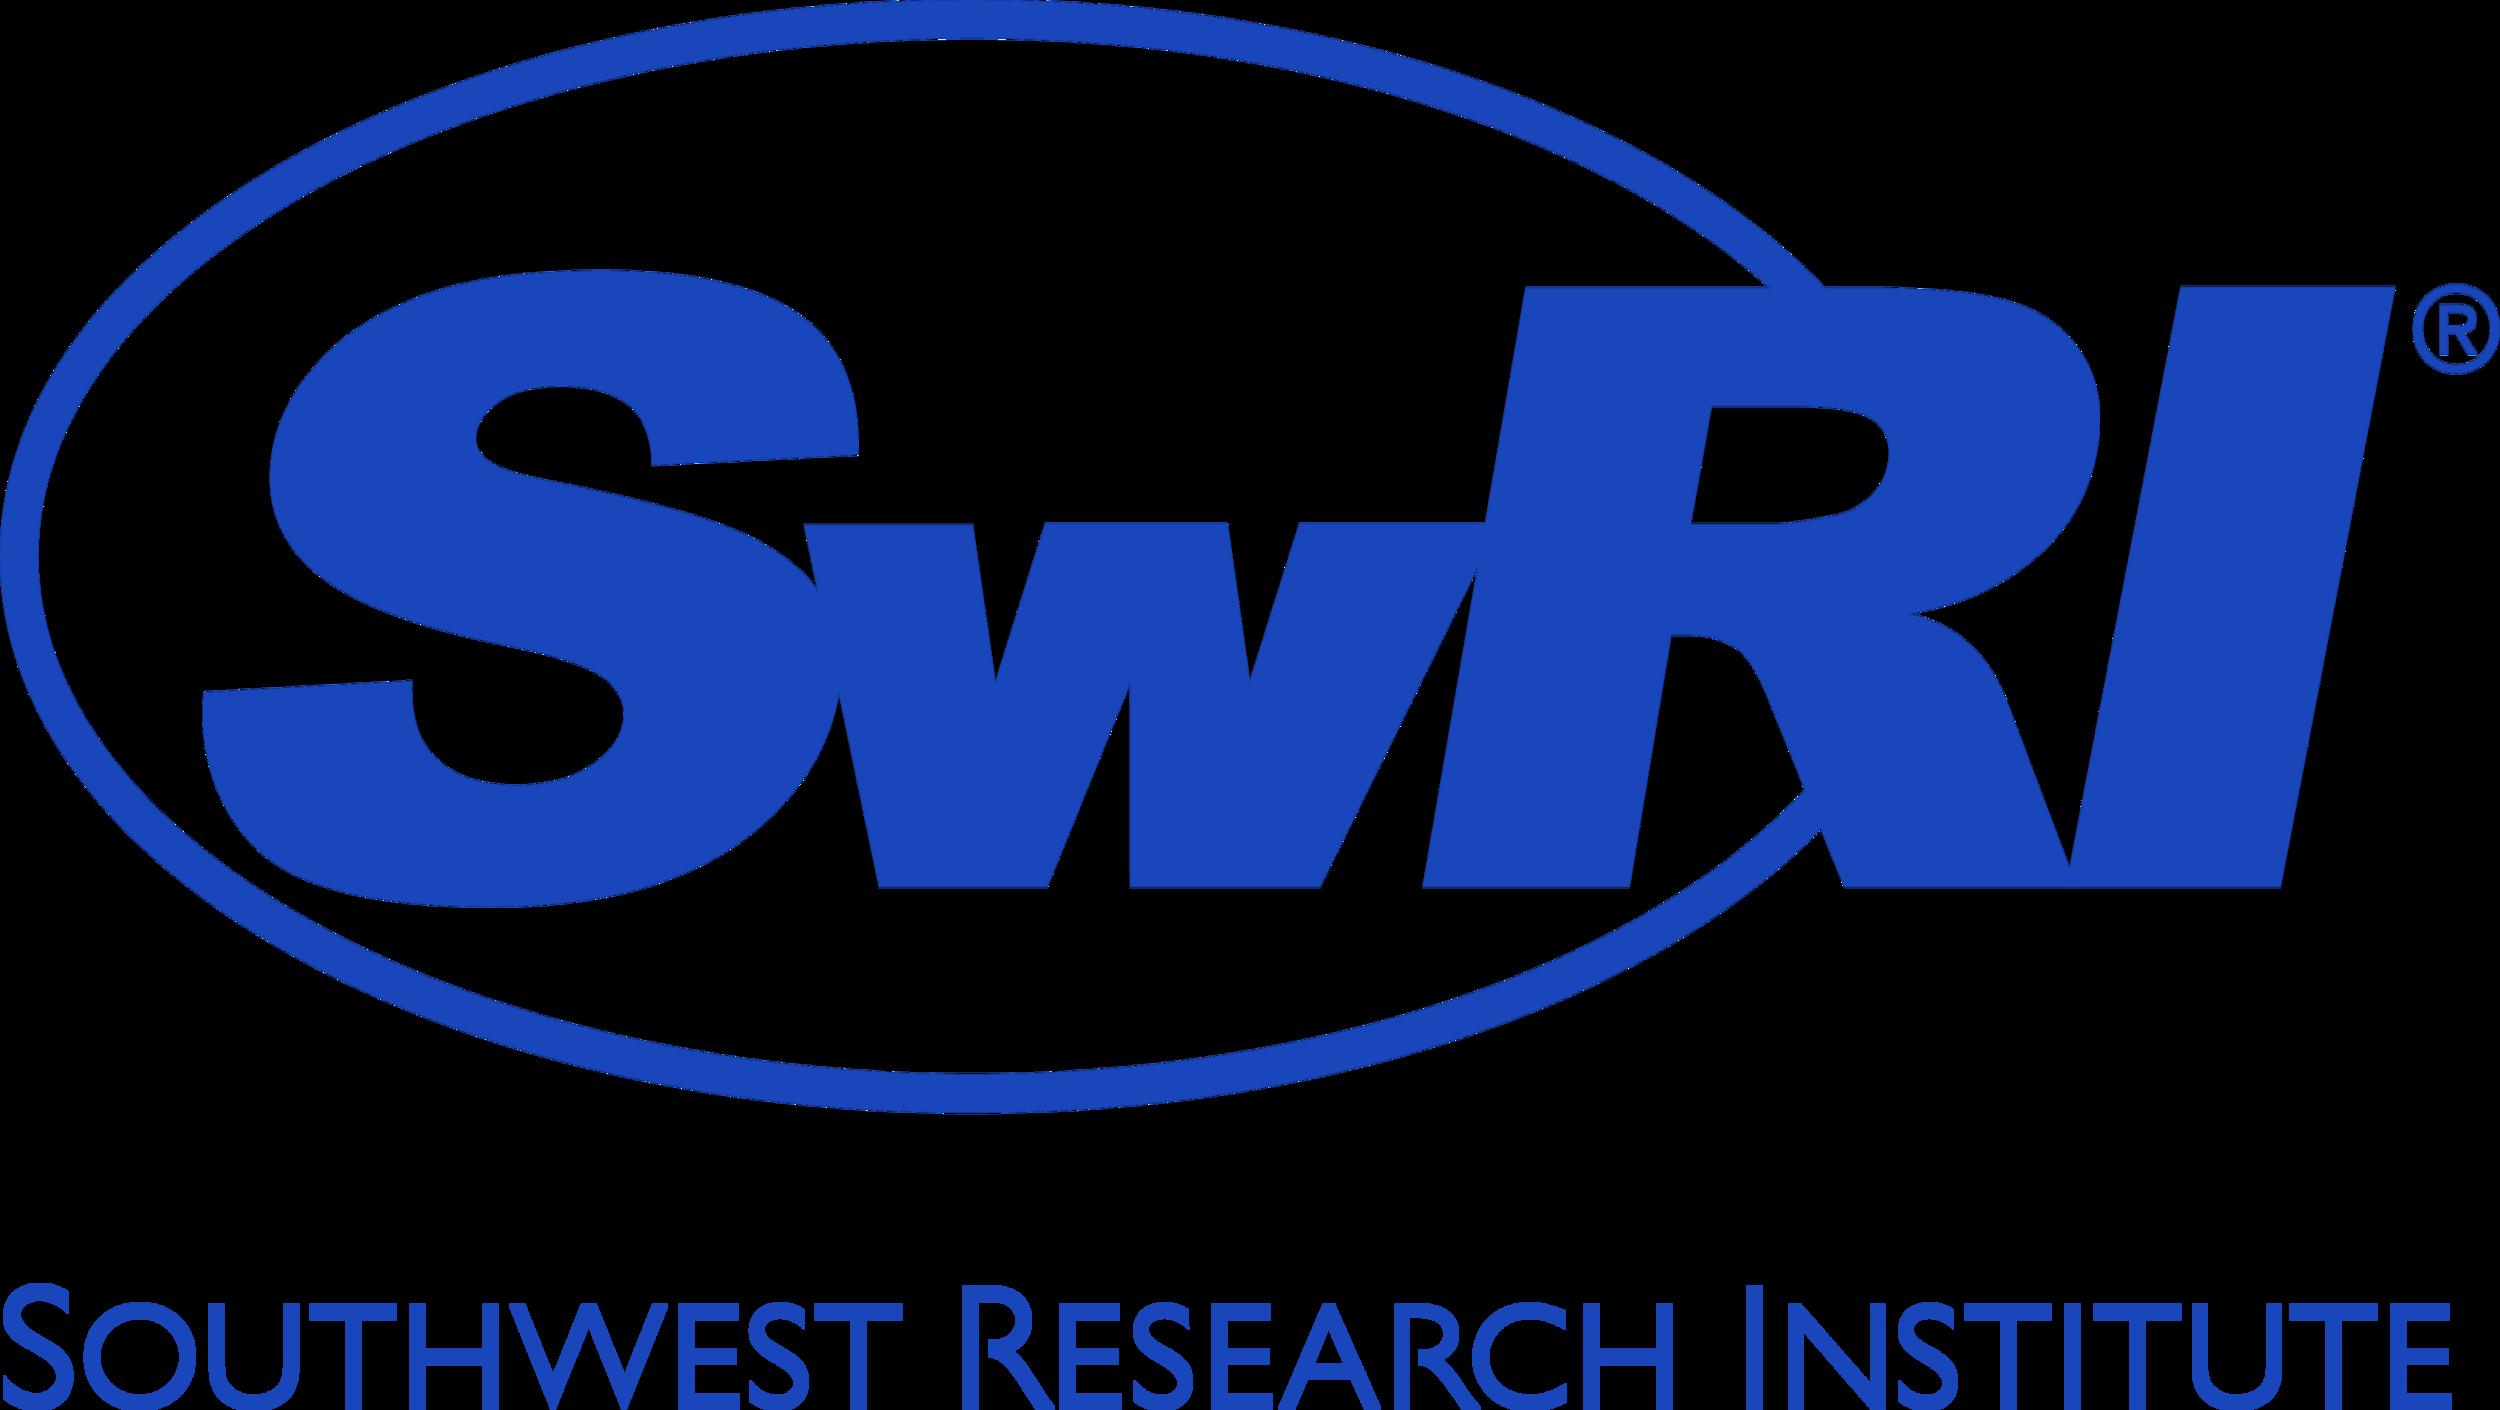 SwRI Logo Text Combo Vert 2014 Blue Pantone 2728.png